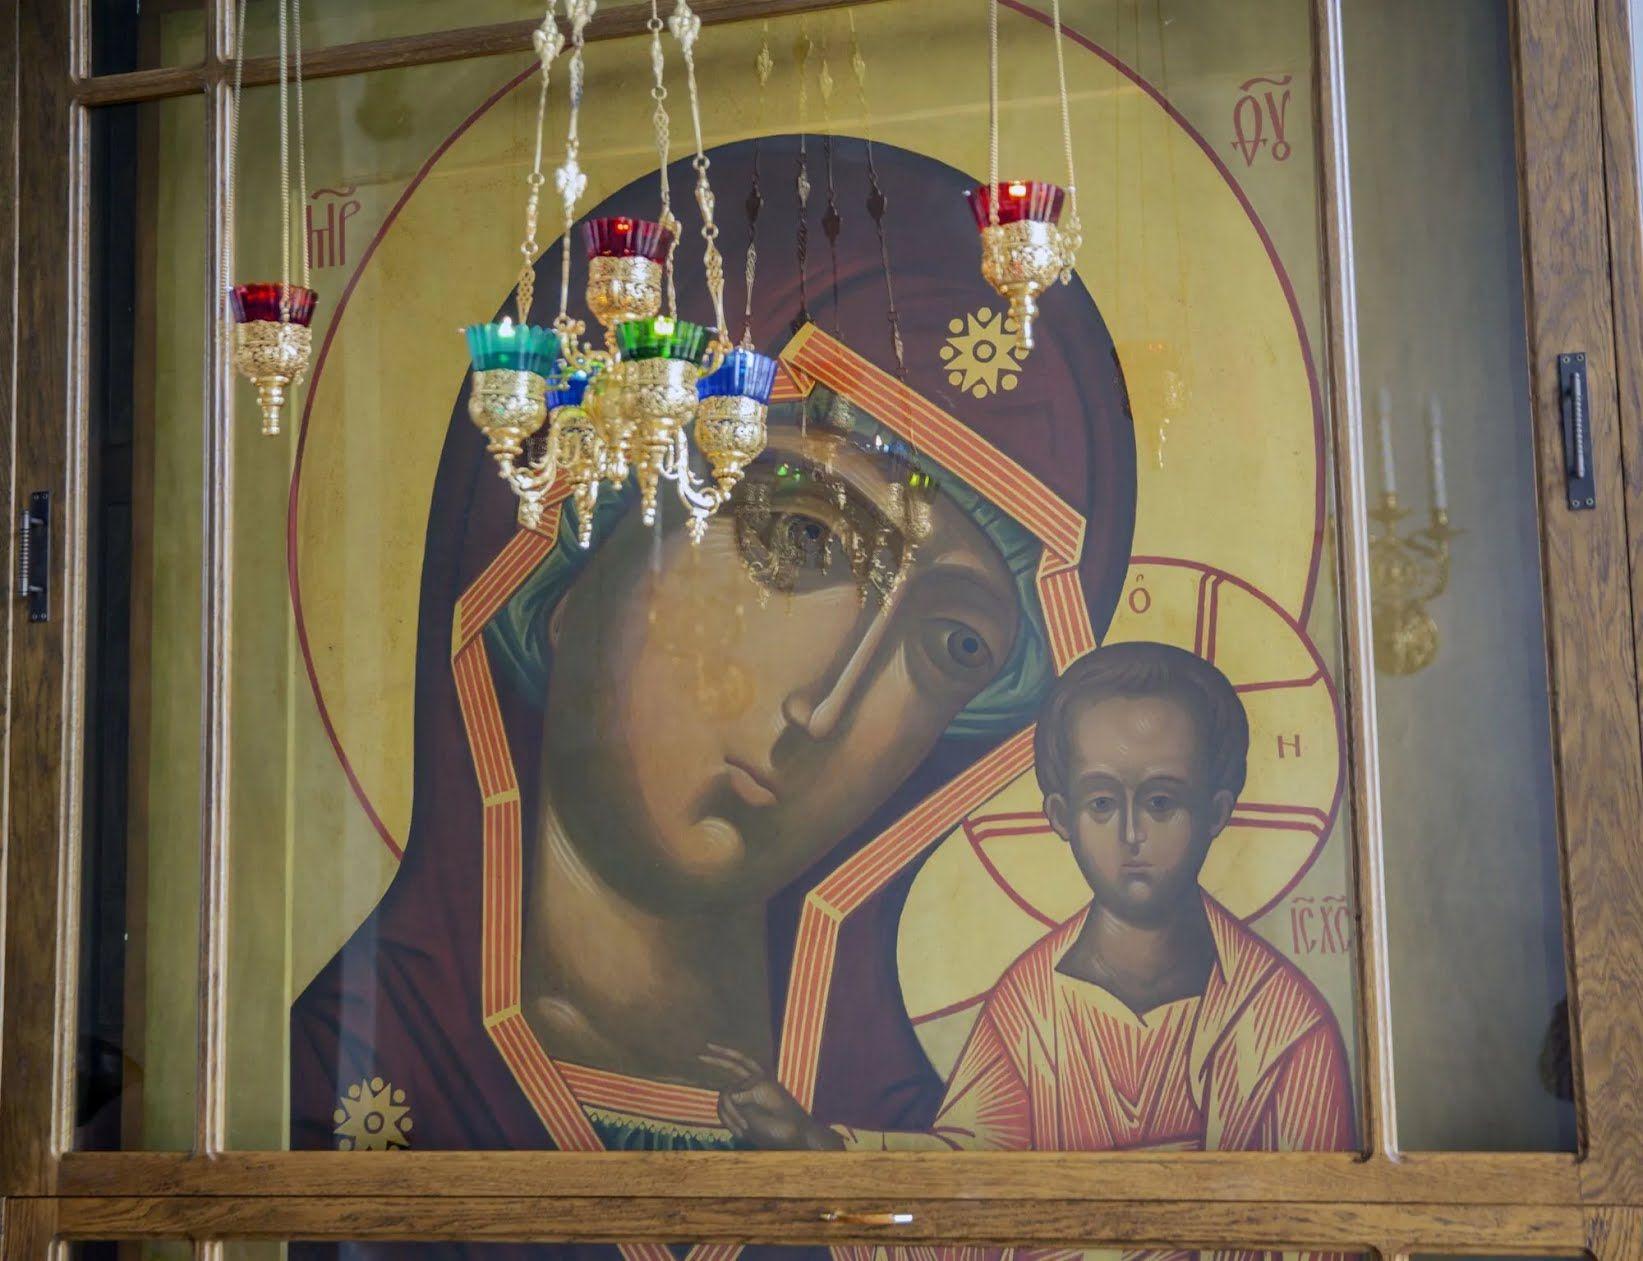 21 липня відбувається святкування на згадку про явлення Казанської ікони Божої Матері